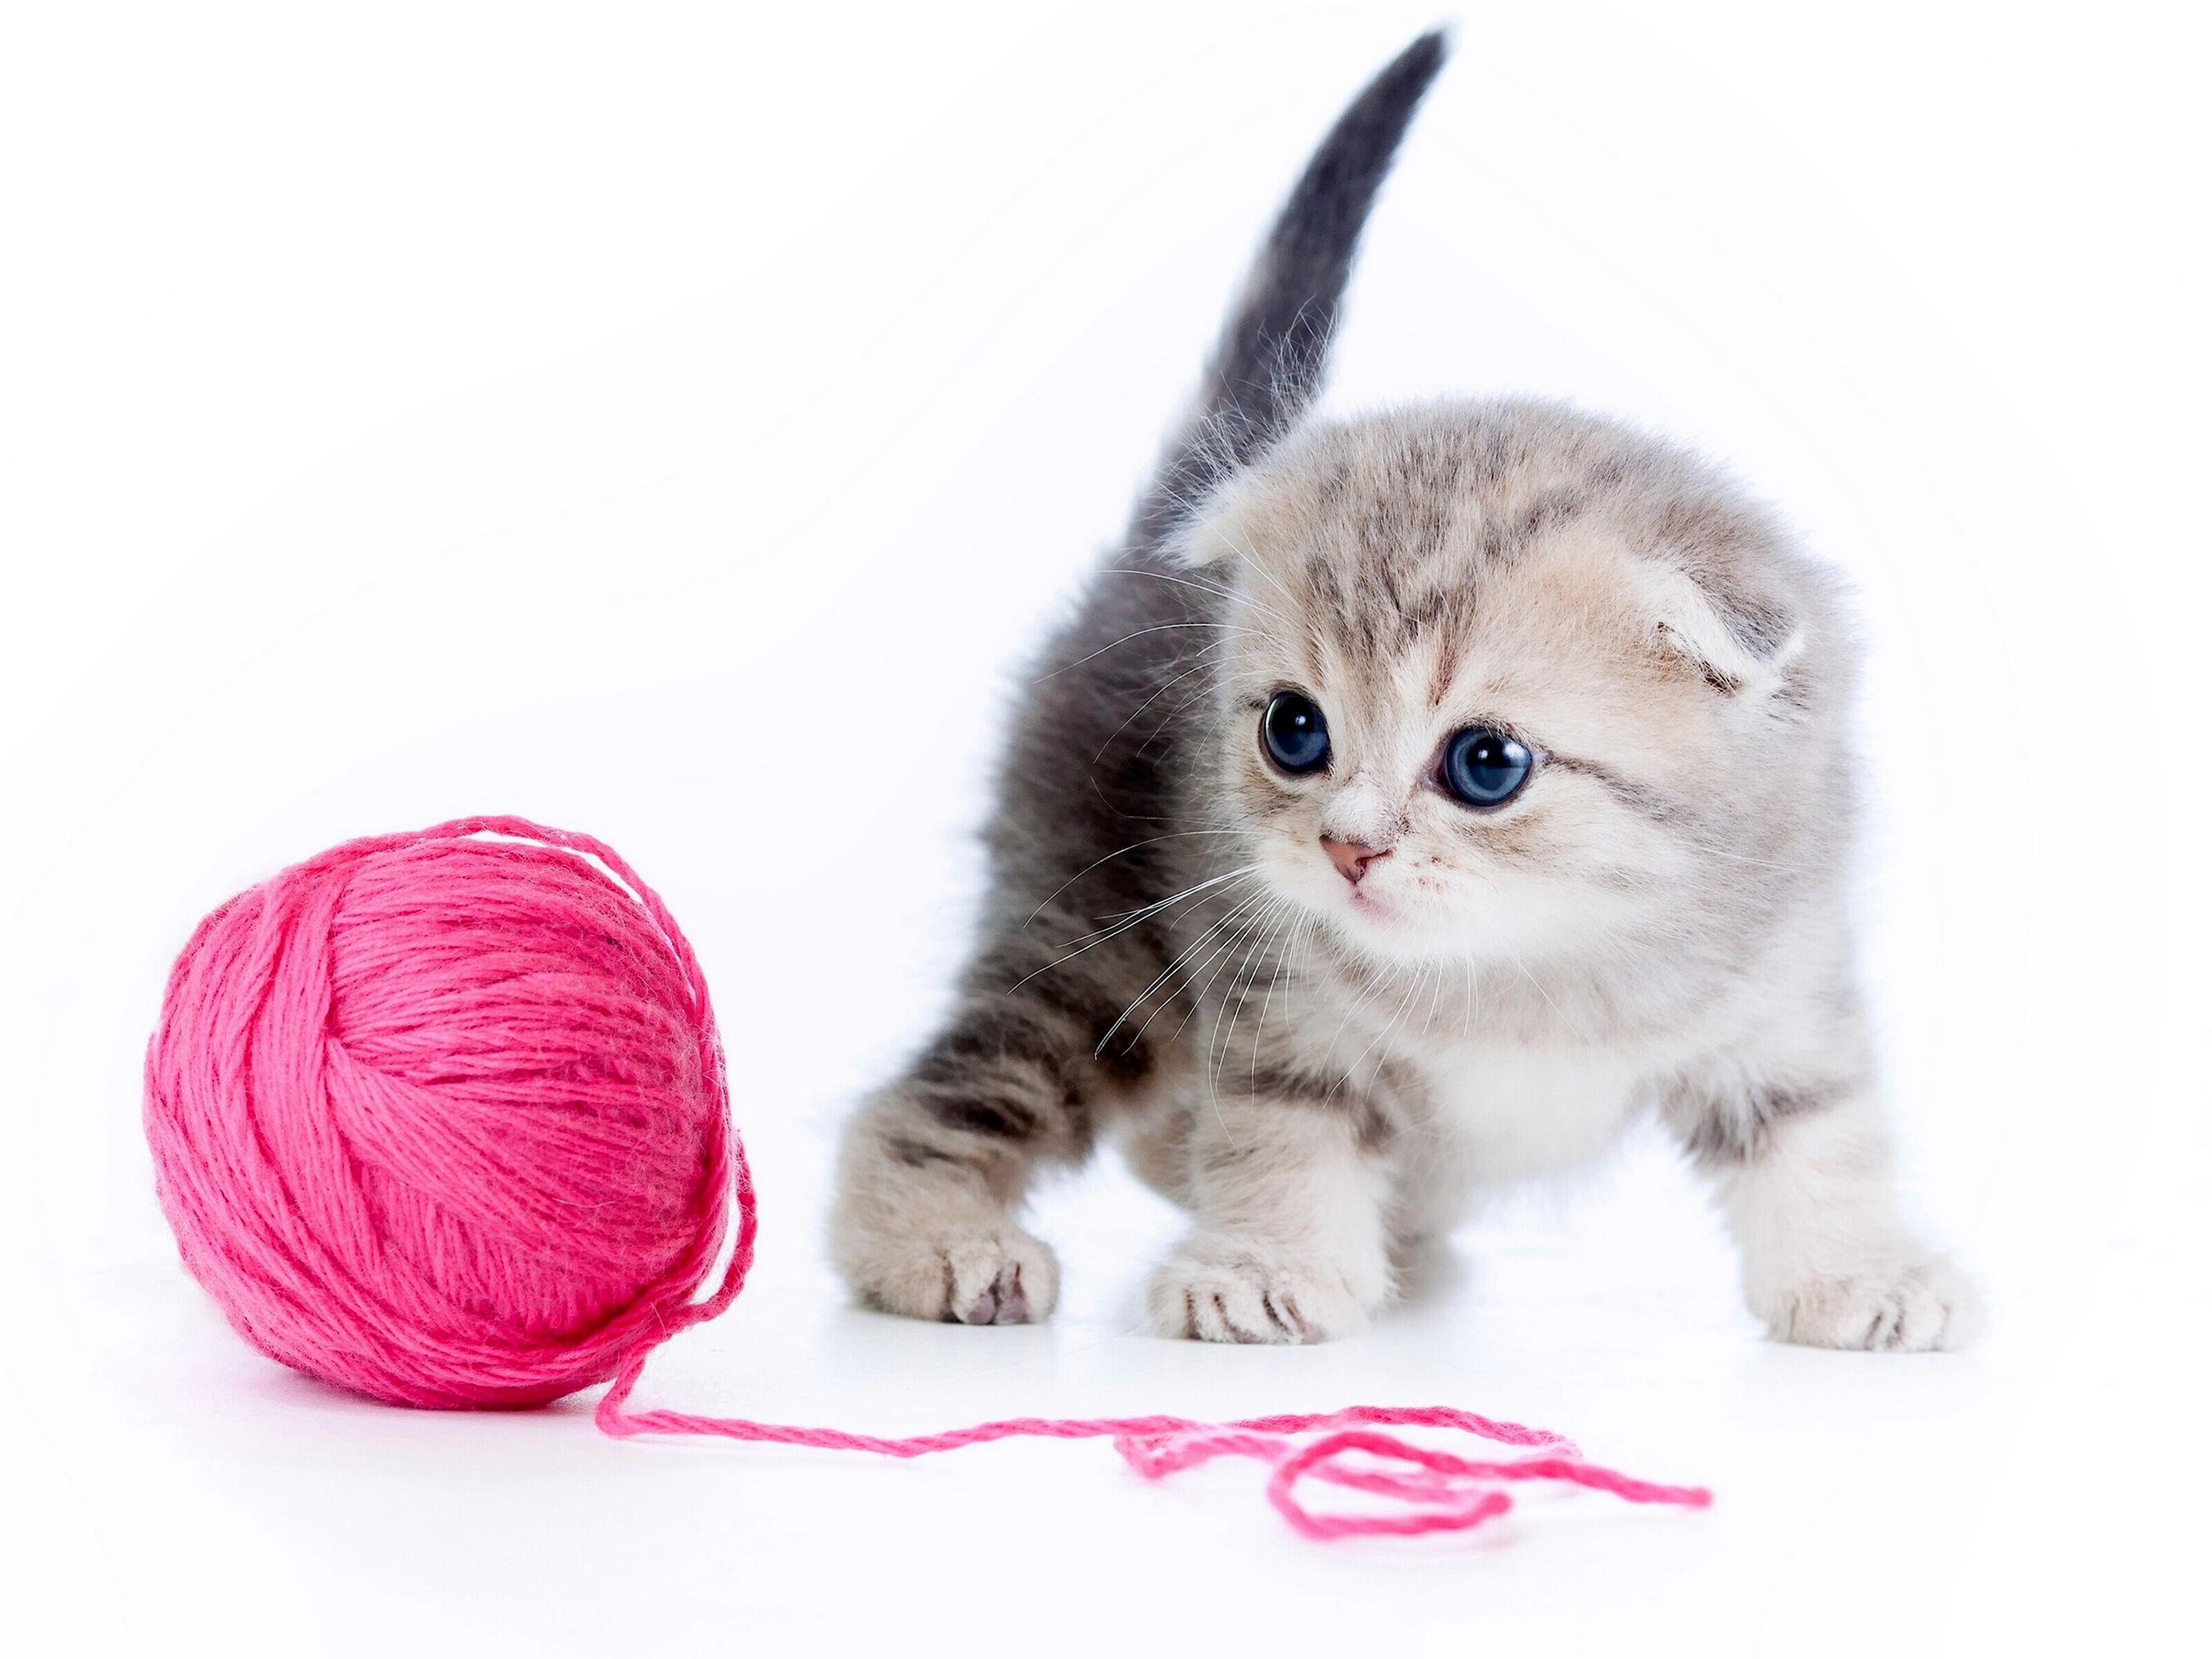 история о том, как я котенка приютил